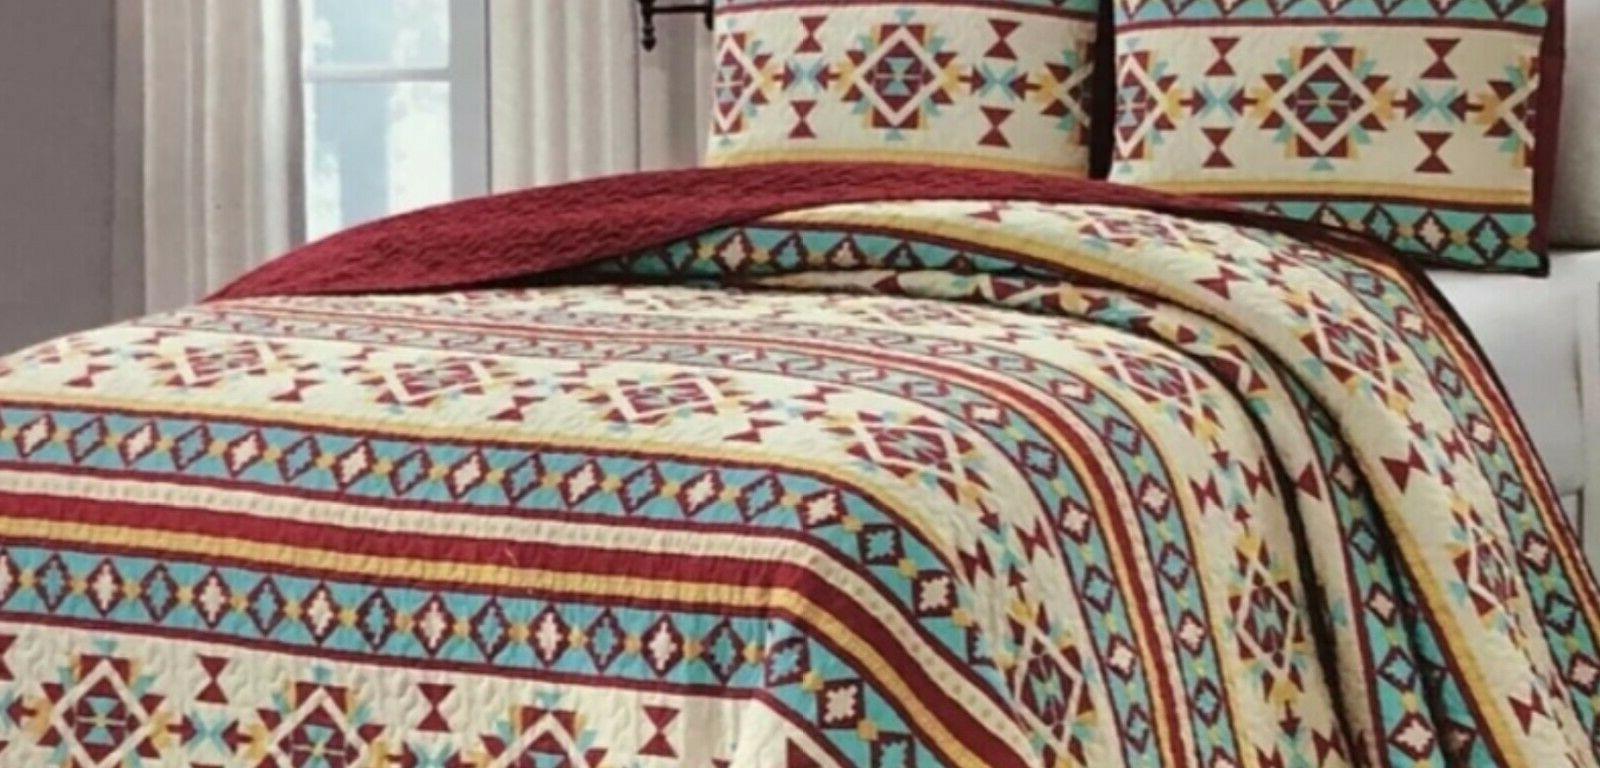 Quilt Reversible Aztec Bedspread Set Queen Gift